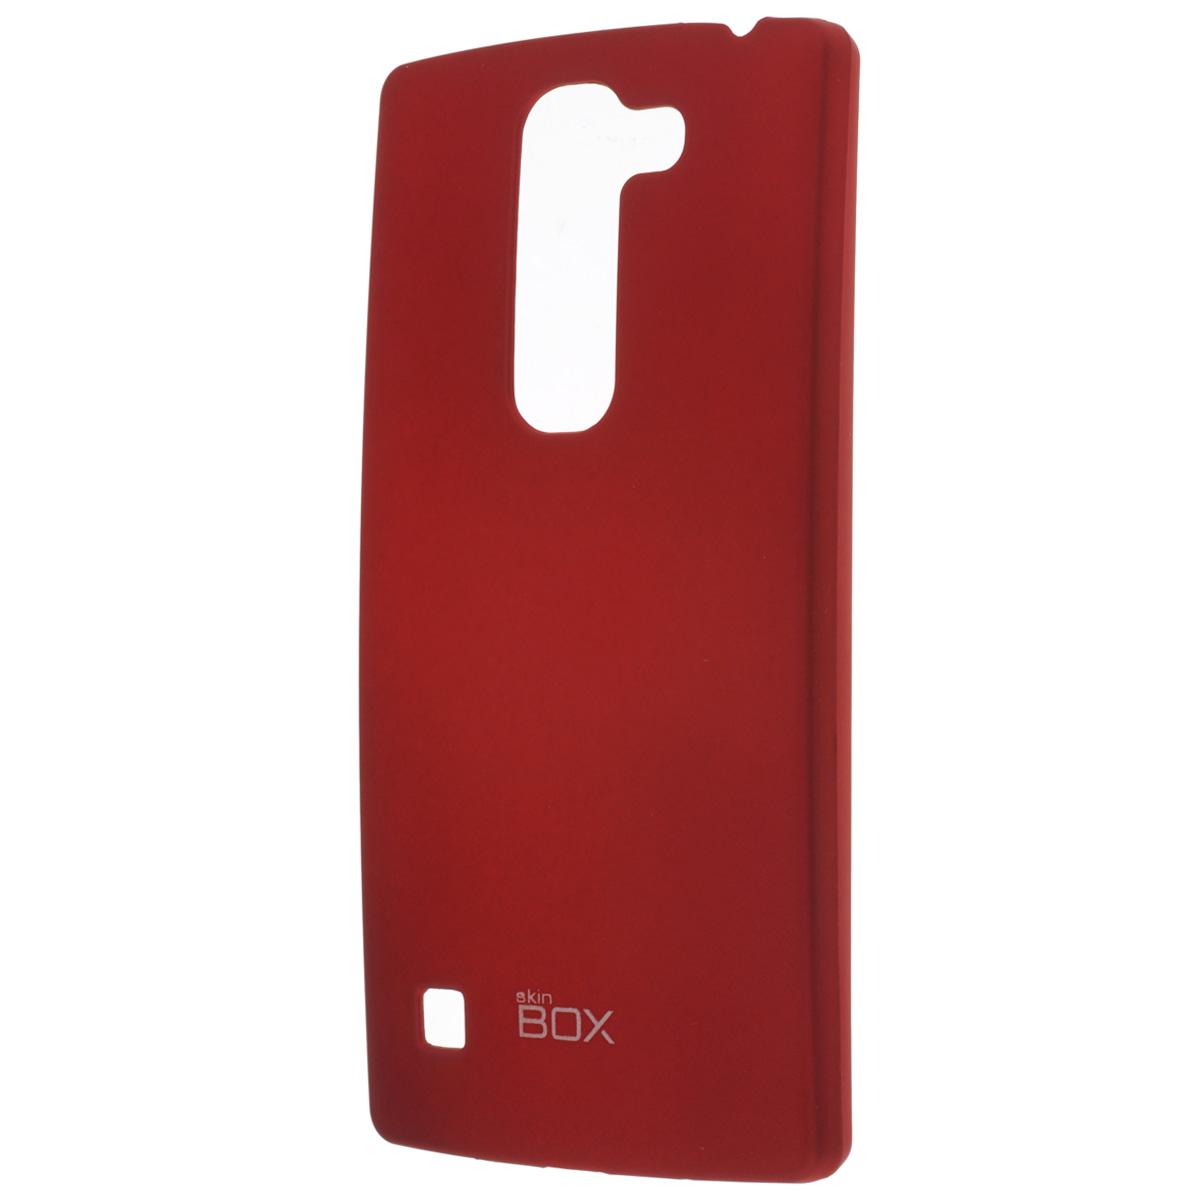 Skinbox Shield 4People чехол для LG Spirit, RedT-S-LS-002Накладка Skinbox Shield 4People для LG Spirit - отличный аксессуар для защиты корпуса вашего смартфона от внешних повреждений, сохраняющий размеры устройства и обеспечивающий удобство работы с ним. Устойчивый к истиранию пластик надежно амортизирует мелкие механические воздействия и предотвращает появление царапин или потертостей на корпусе вашего гаджета. В комплект также входит защитная пленка для экрана смартфона.